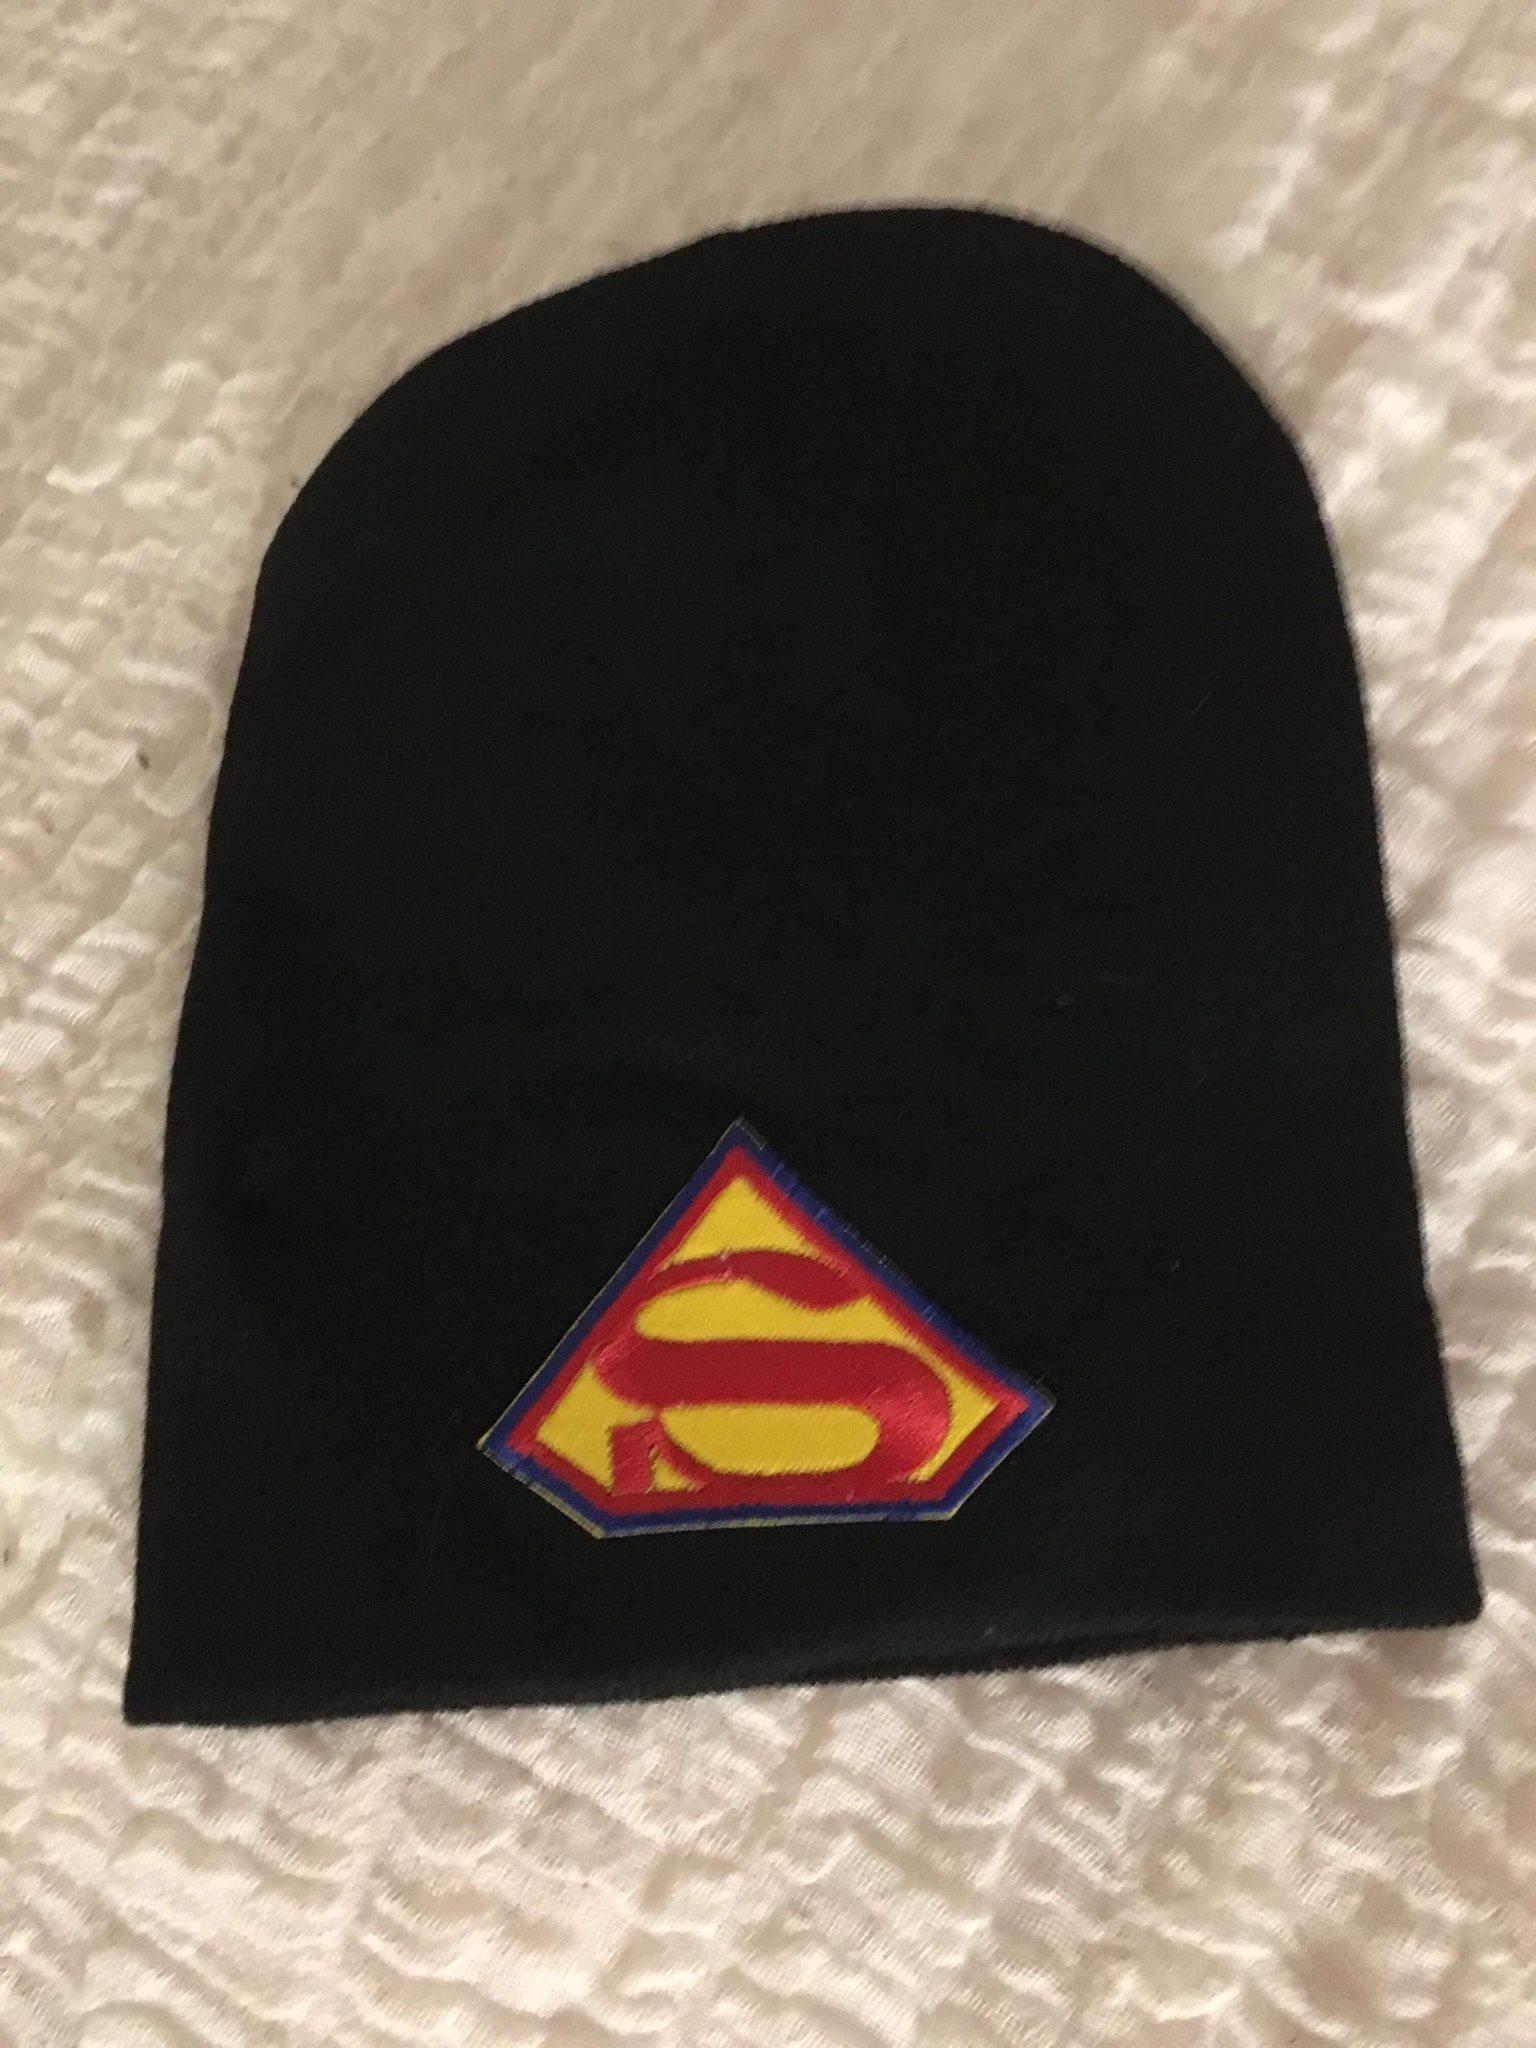 Superman mössa - HELT NY! (332997208) ᐈ Köp på Tradera 5317dc6e2d96d